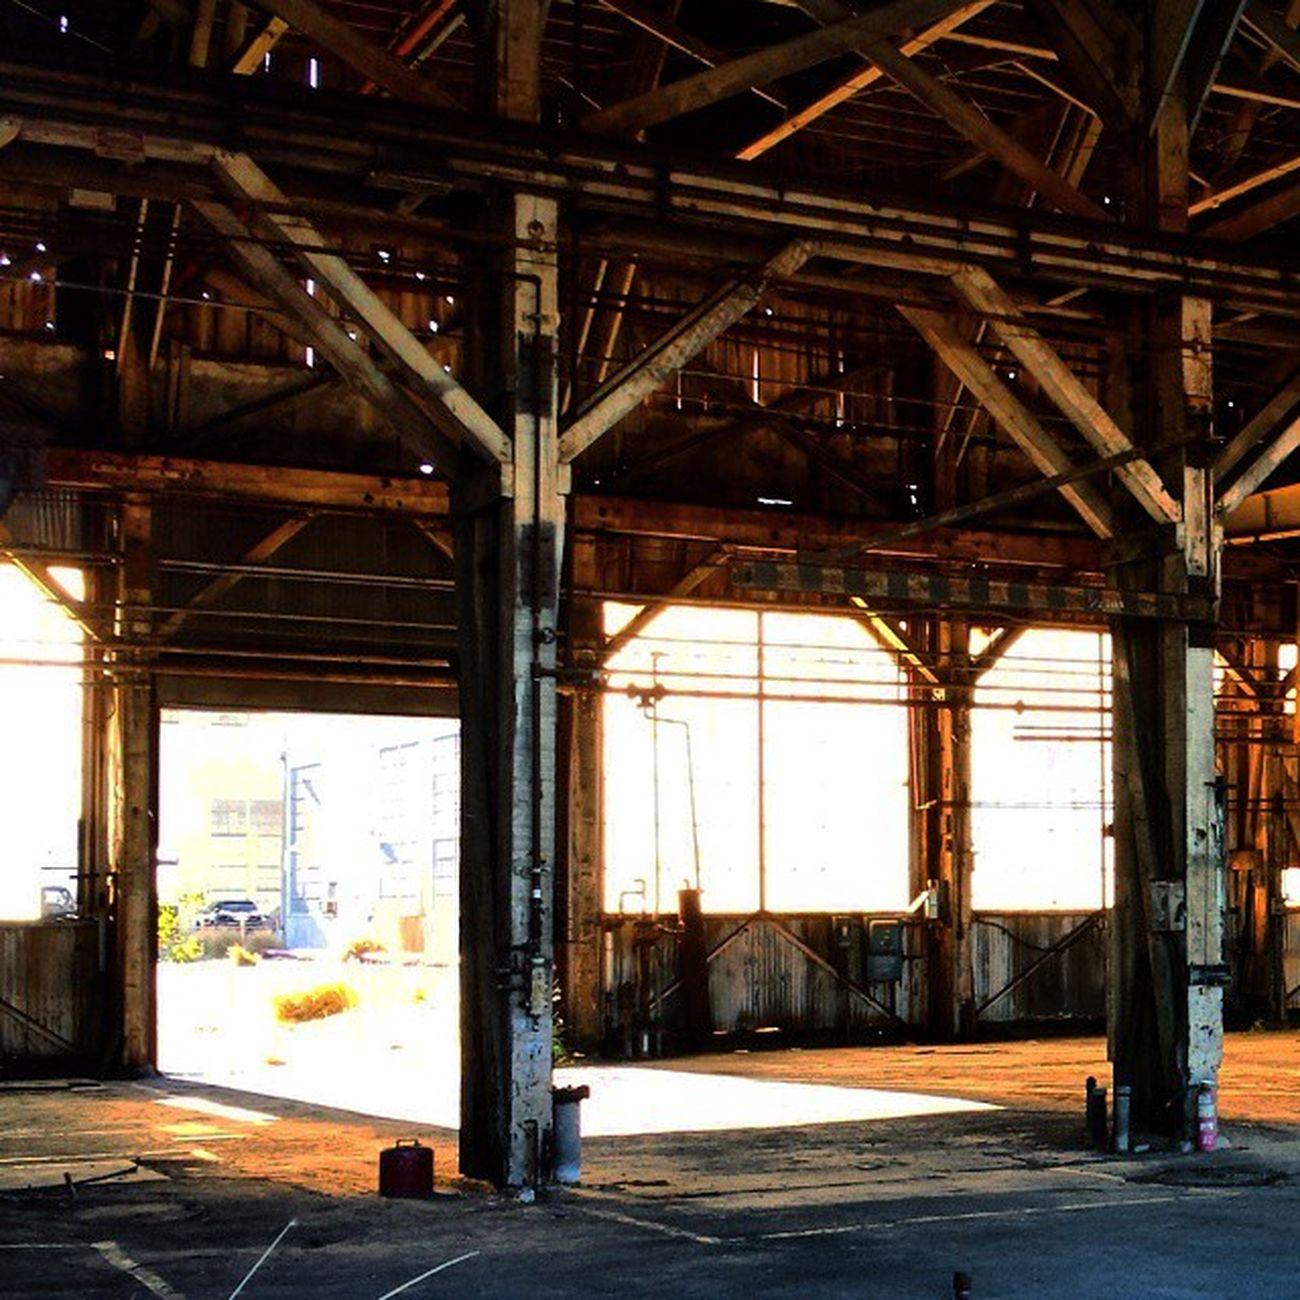 Abandonedwarehouse Setlife